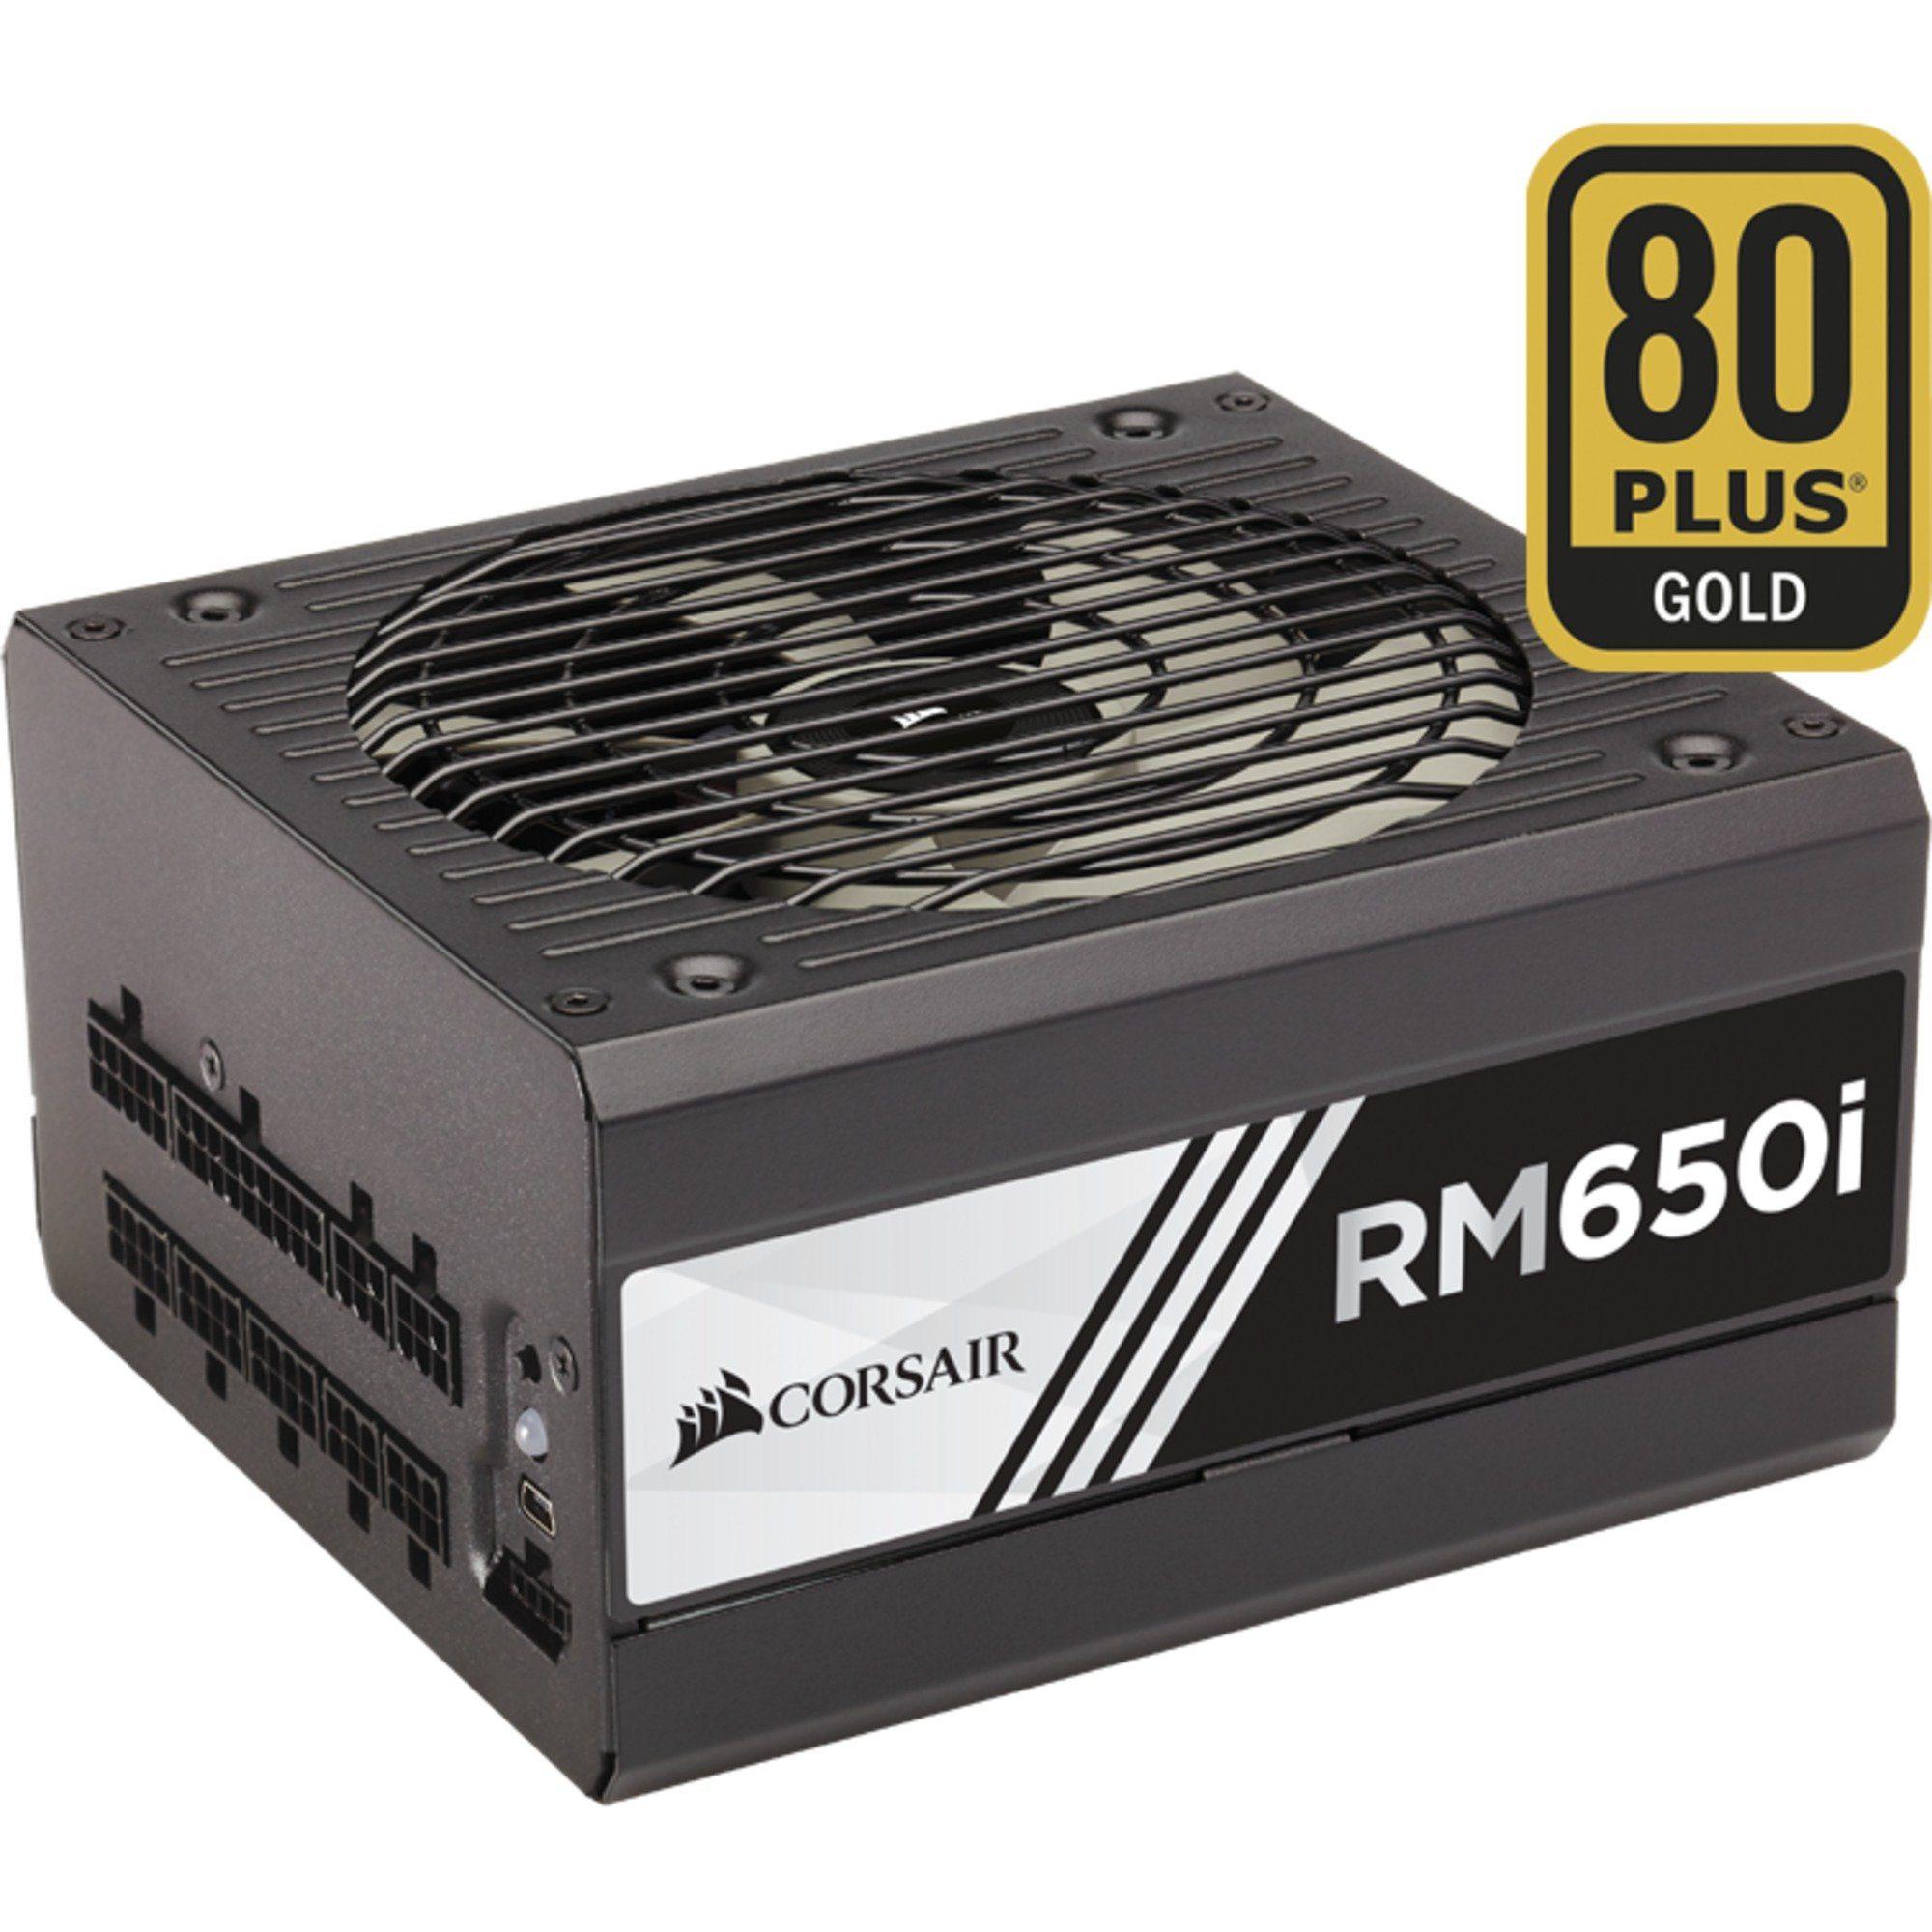 Corsair PC-Netzteil »RM650i 650W«